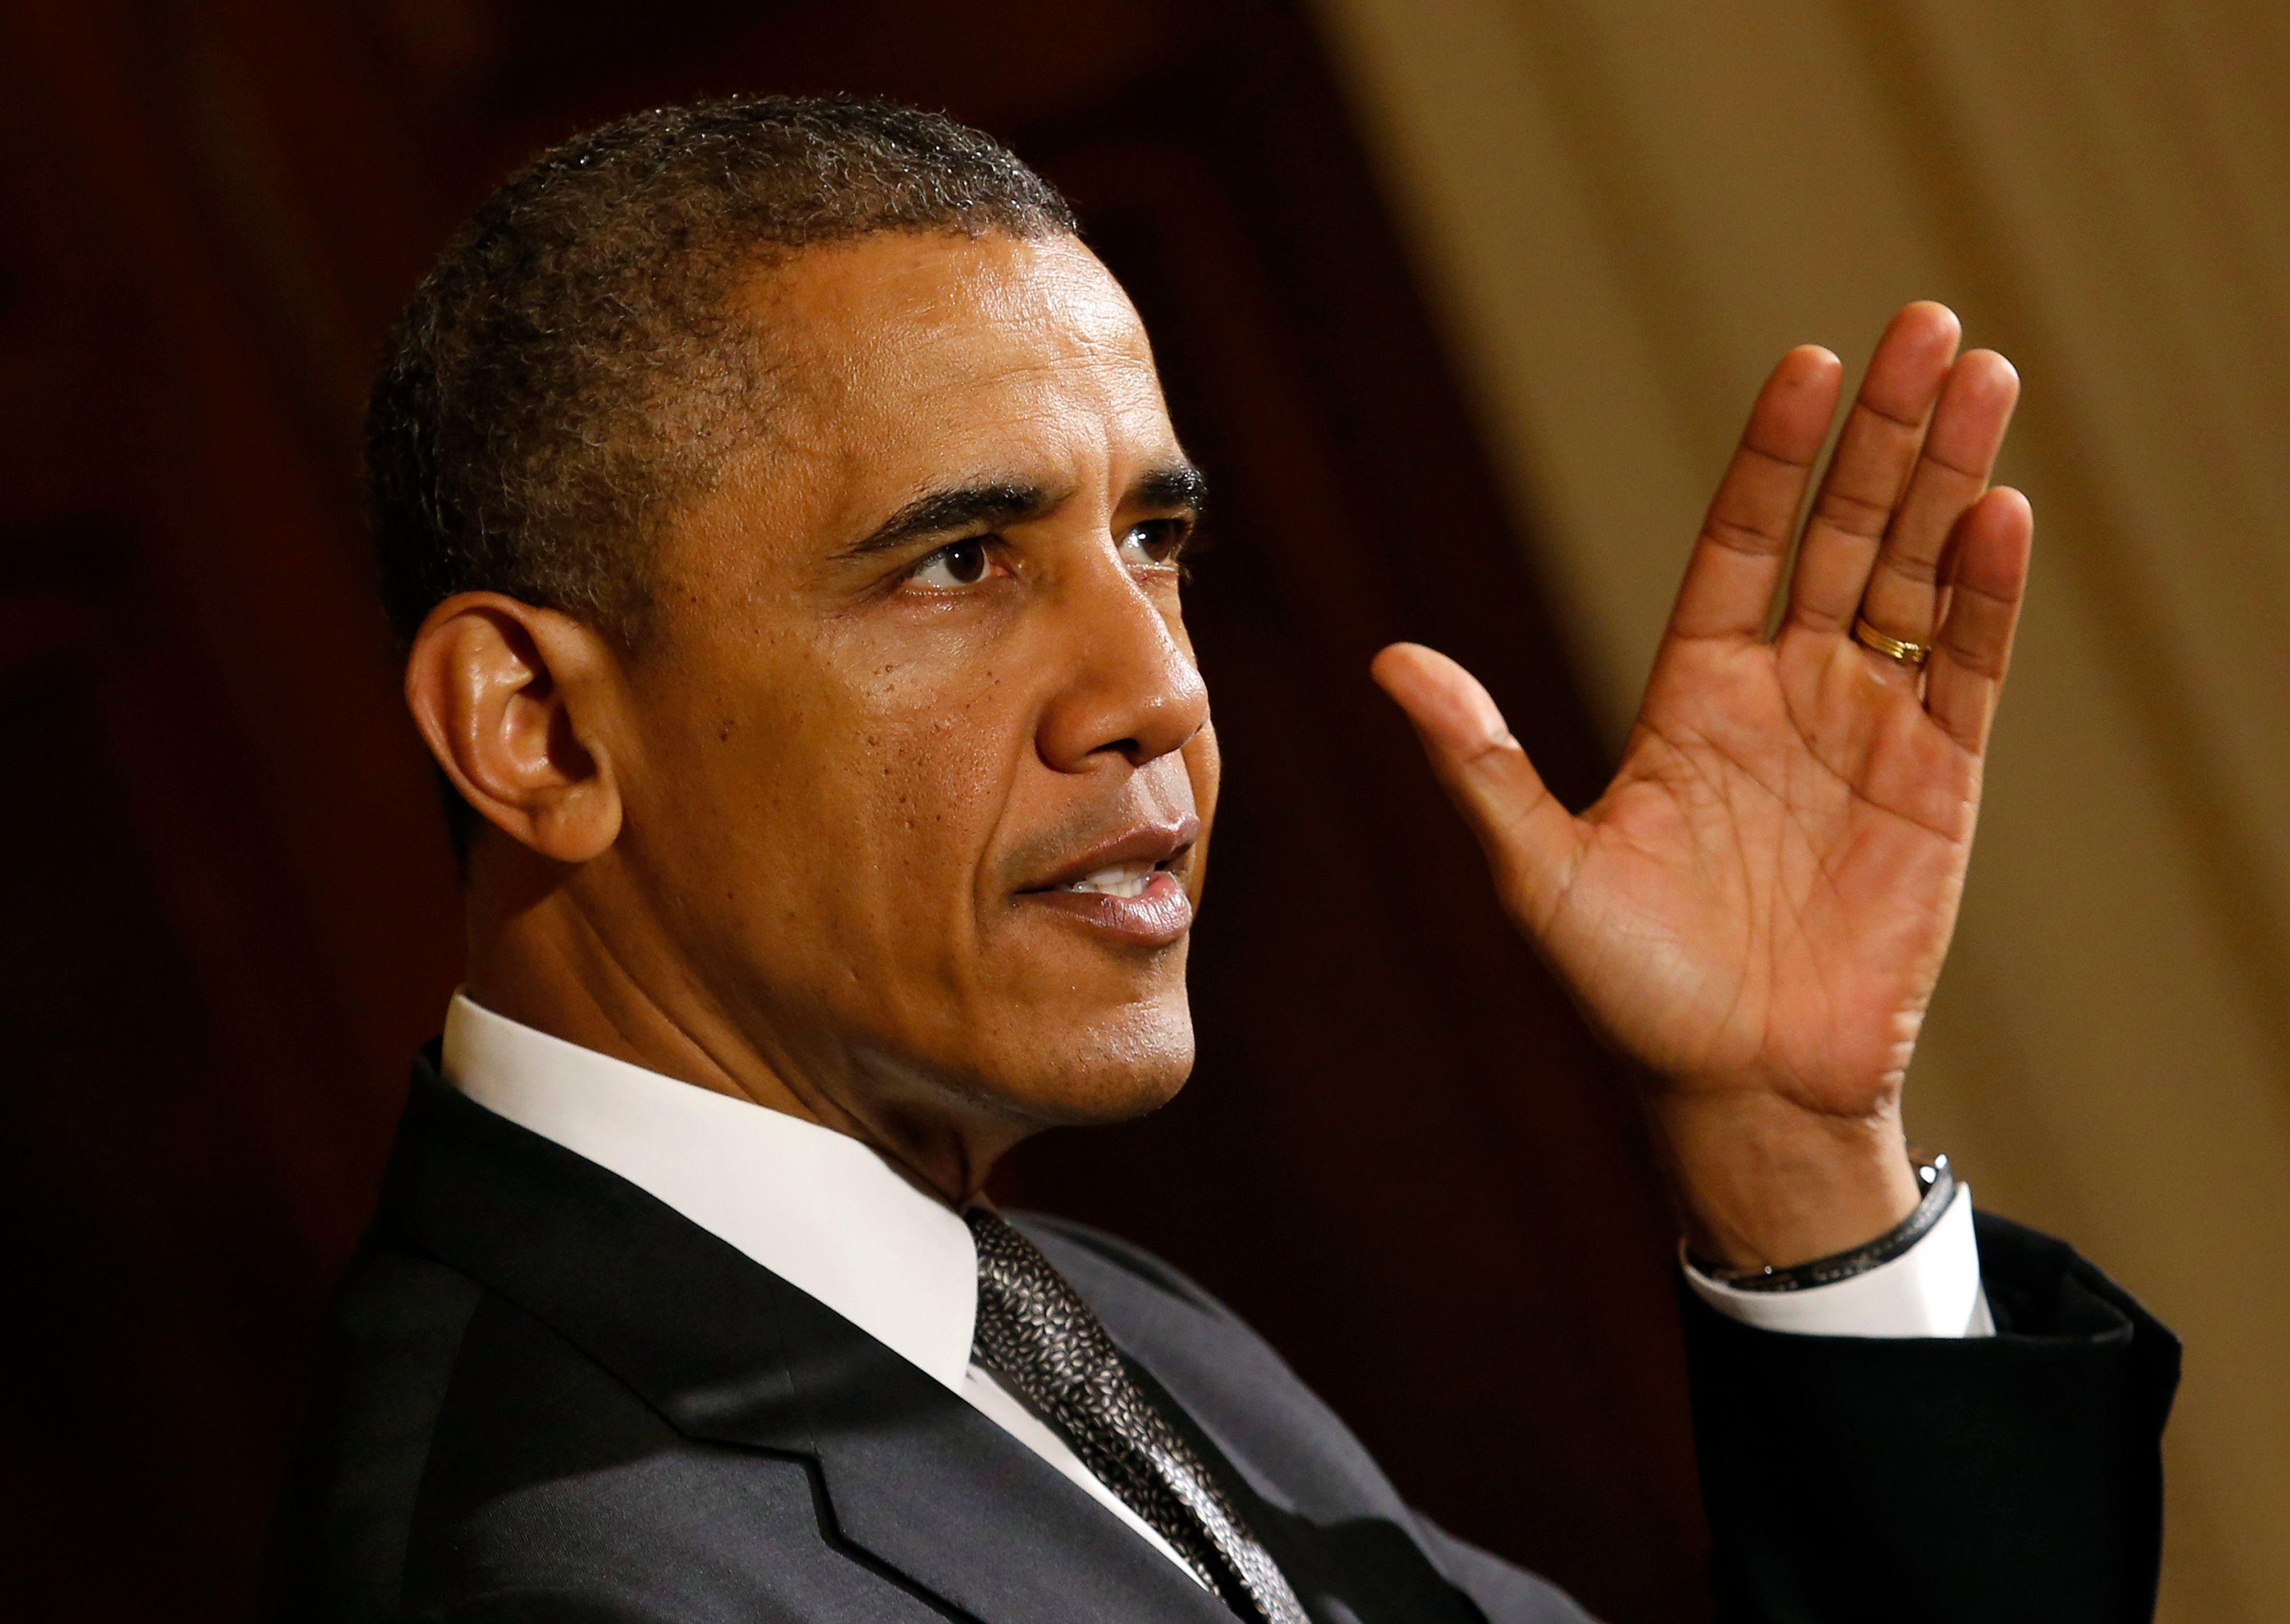 Barack Obama présente son plan contre le réchauffement climatique, François Hollande applaudit